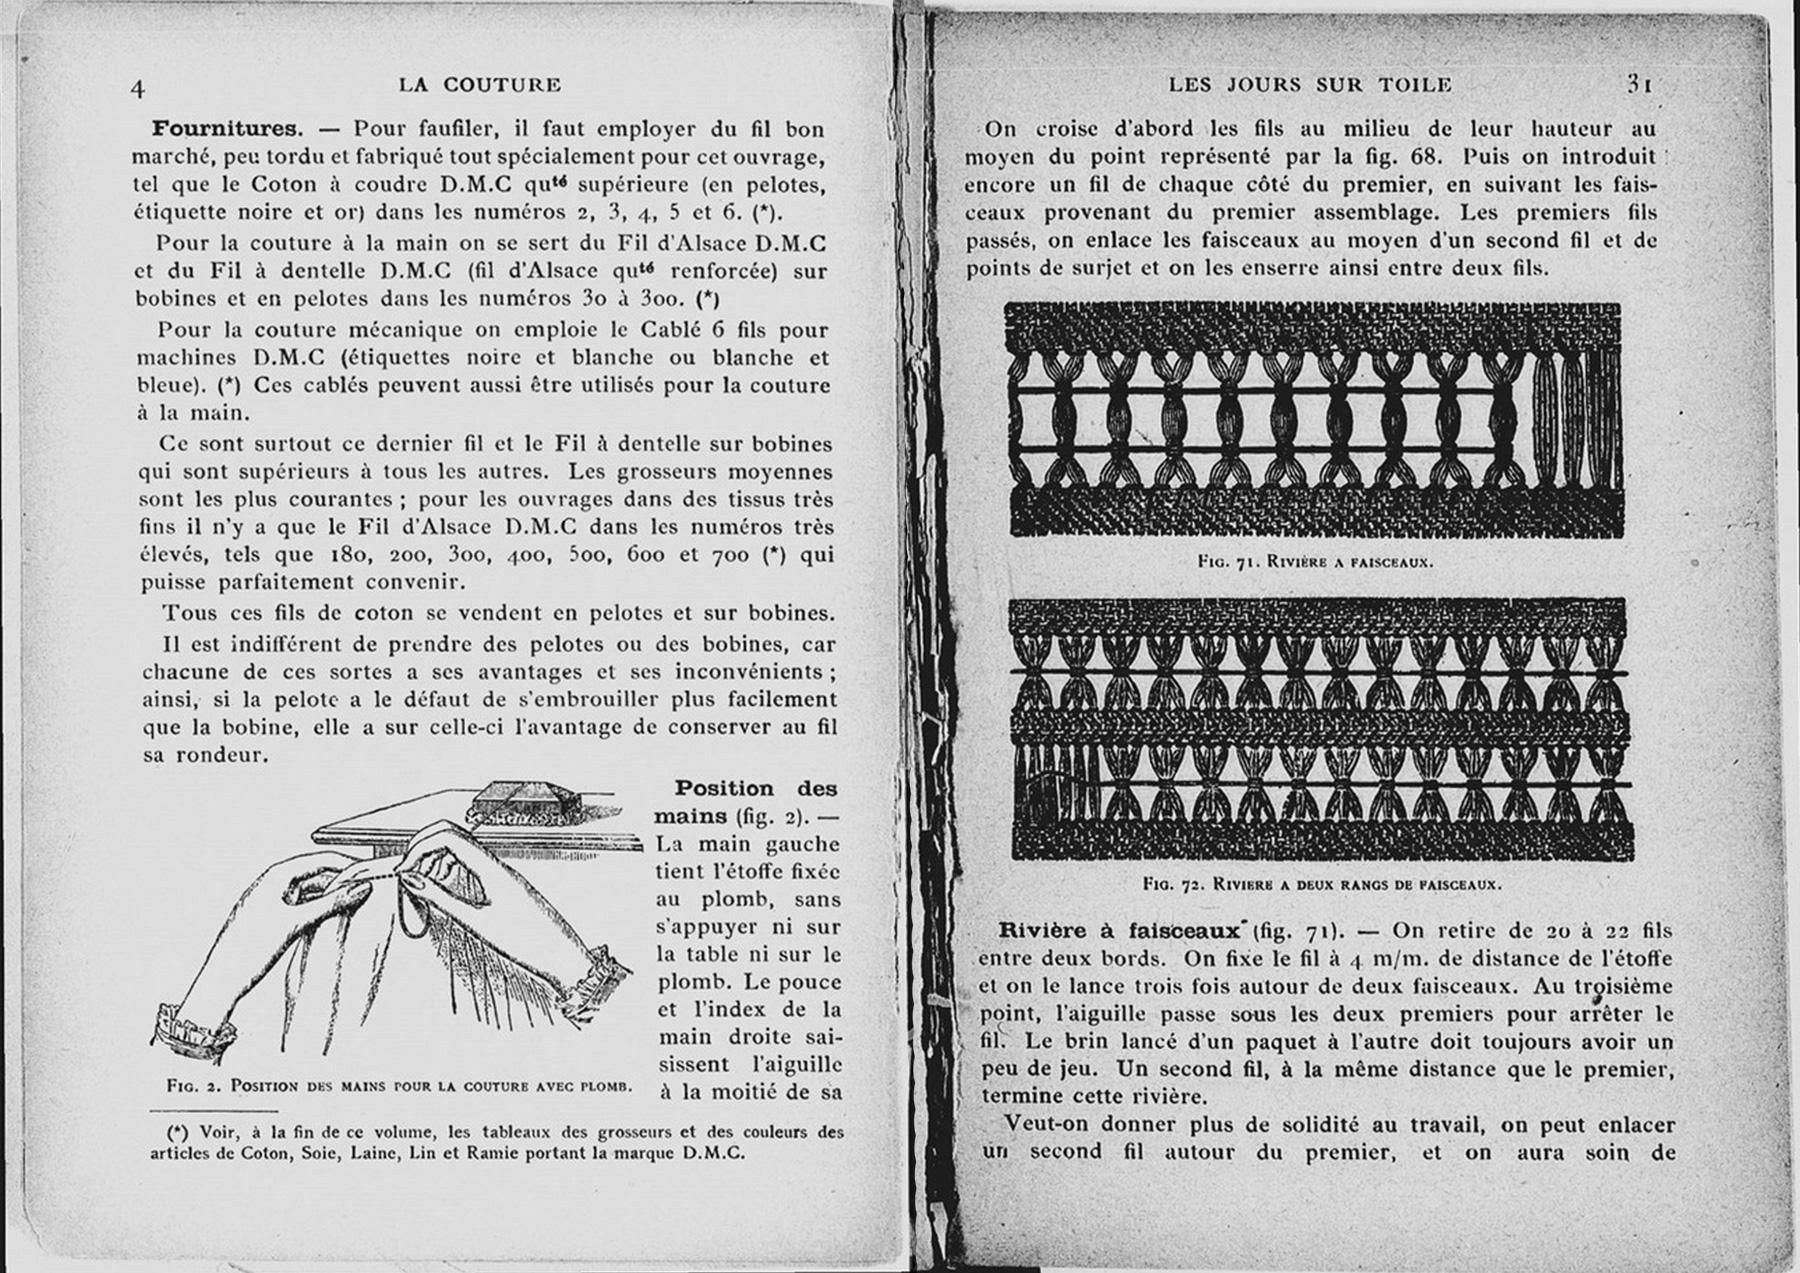 Encyclopédie des ouvrages de dames – Thérèse de Dillmont